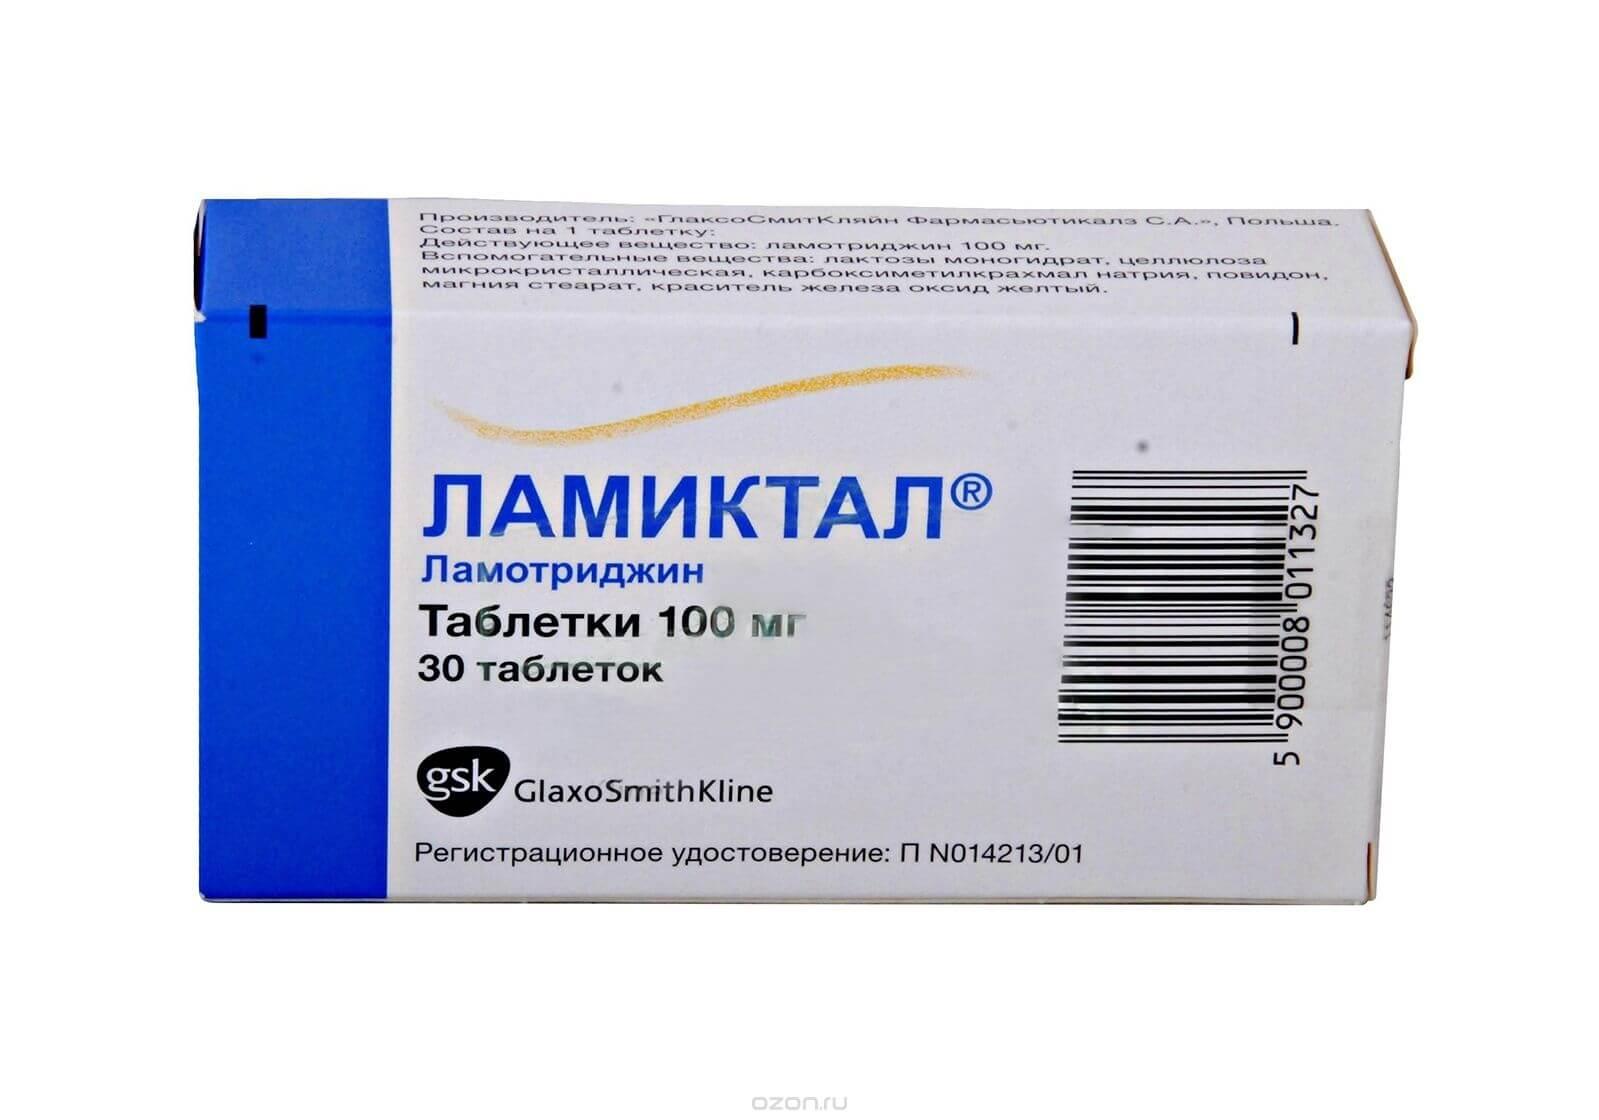 Ламиктал: инструкция по применению таблеток